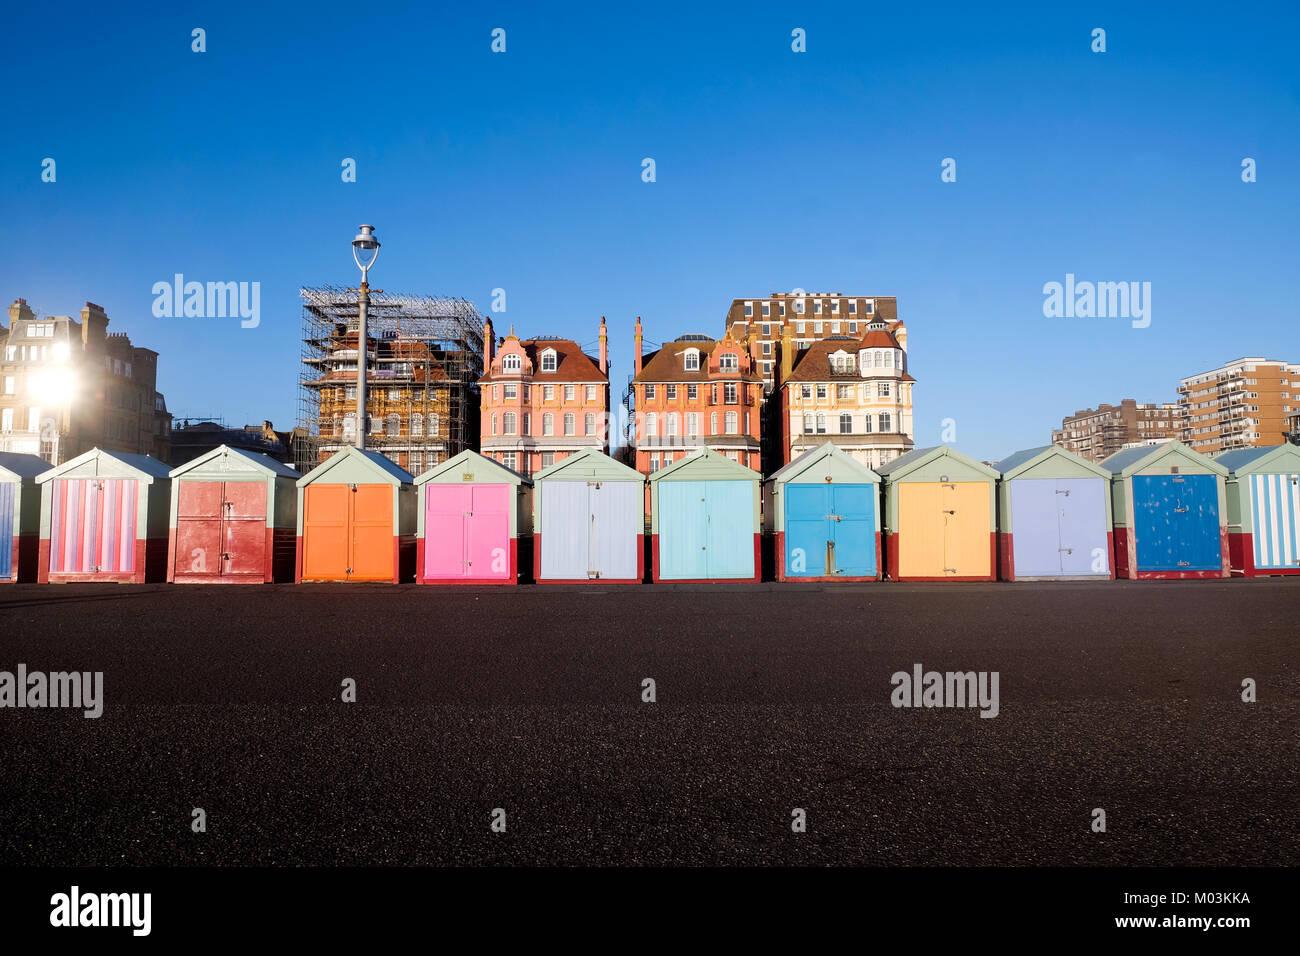 Front de mer de Brighton 13 cabines de plage multicolores, sur la plage de Brighton promenade derrière est Photo Stock